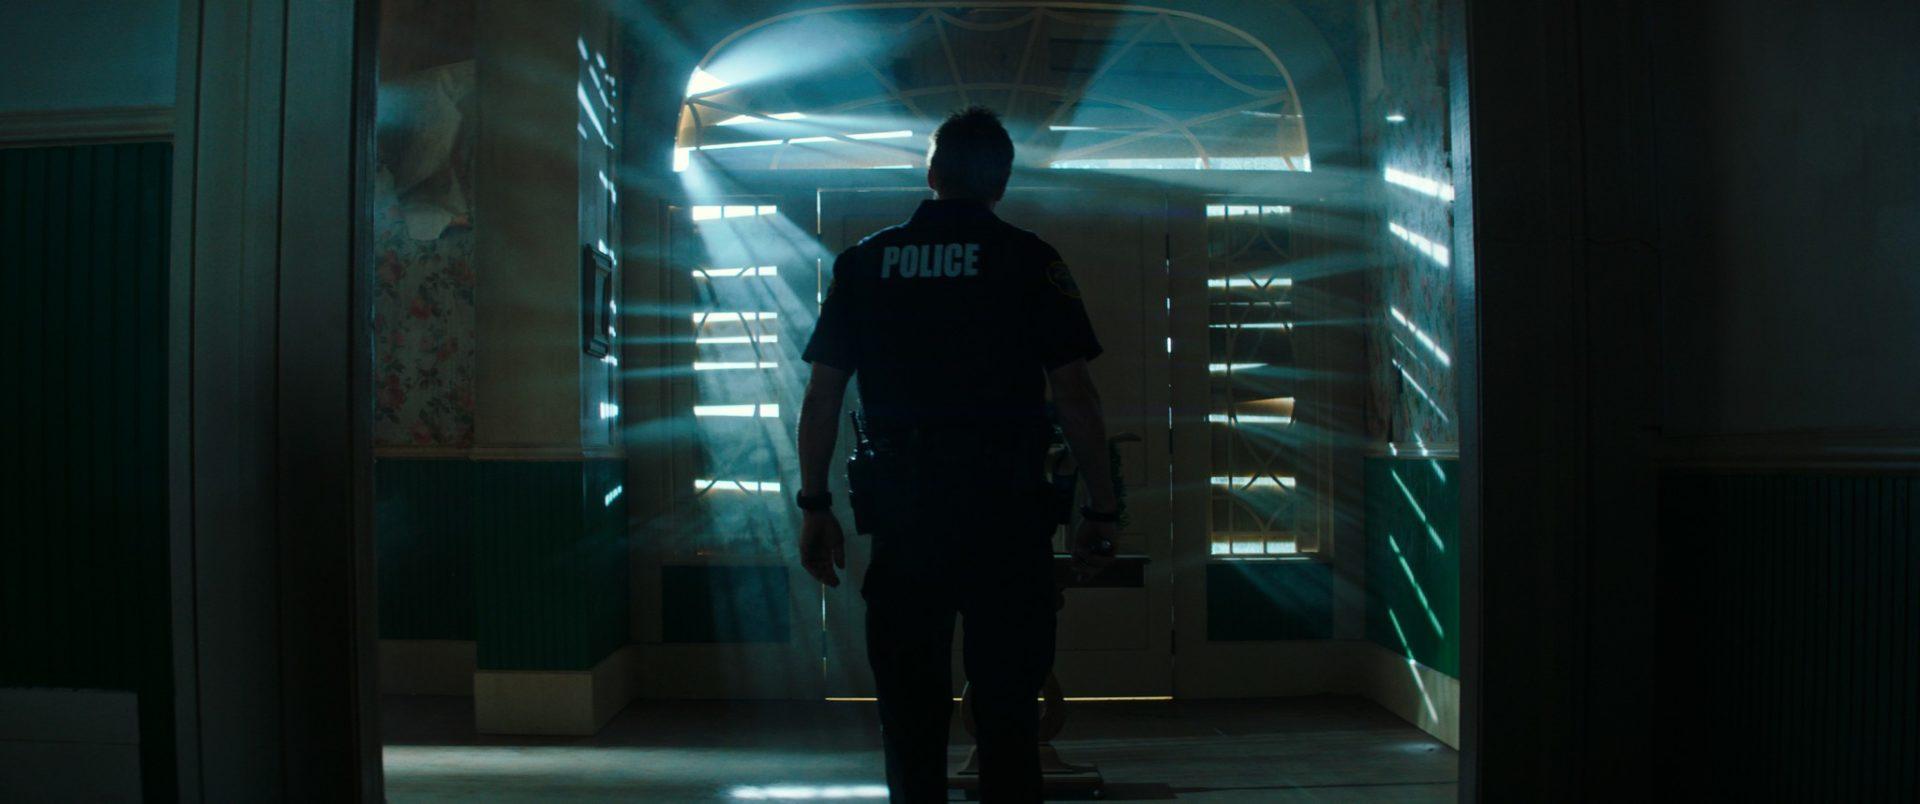 亞倫艾克哈特敬業為《絕命直播》受特種警察訓練一年 接棒基努李維槍擊特訓、肉身撞車掛彩